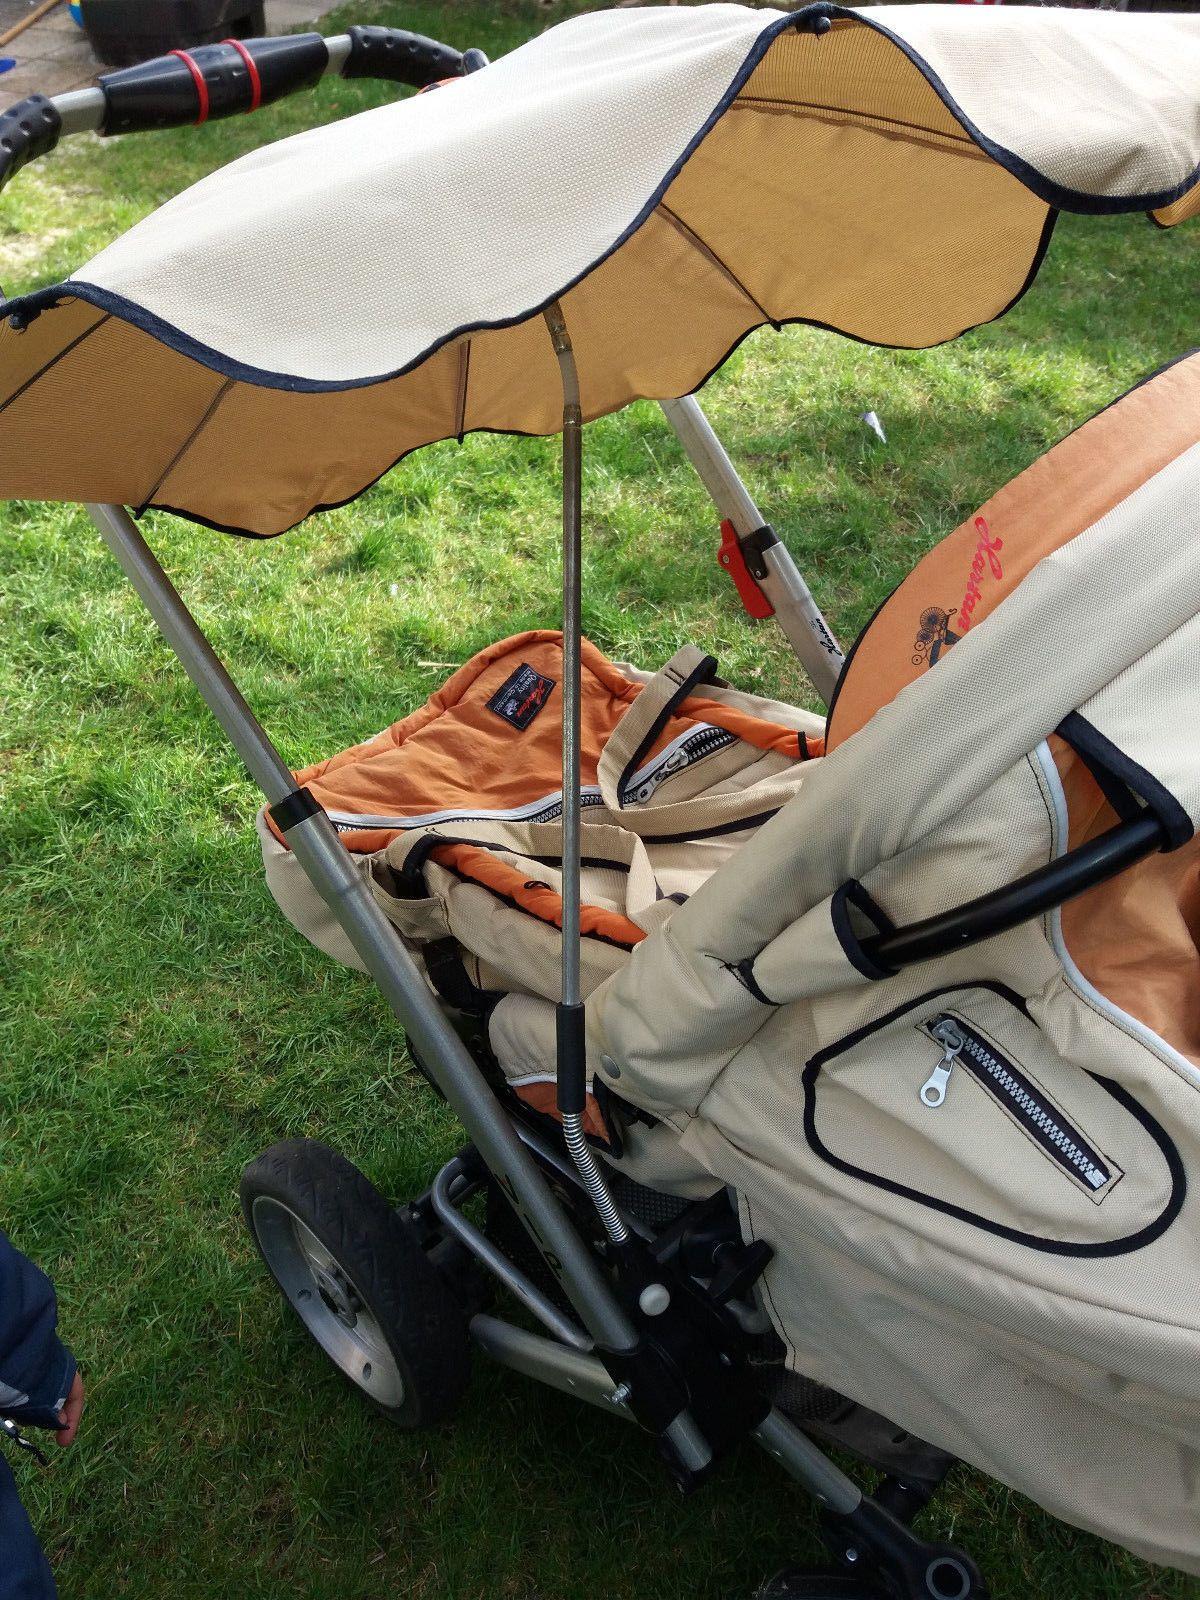 Hartan Vip Kombi Kinderwagen Sportwagen Sonnenschirm Orange Beige